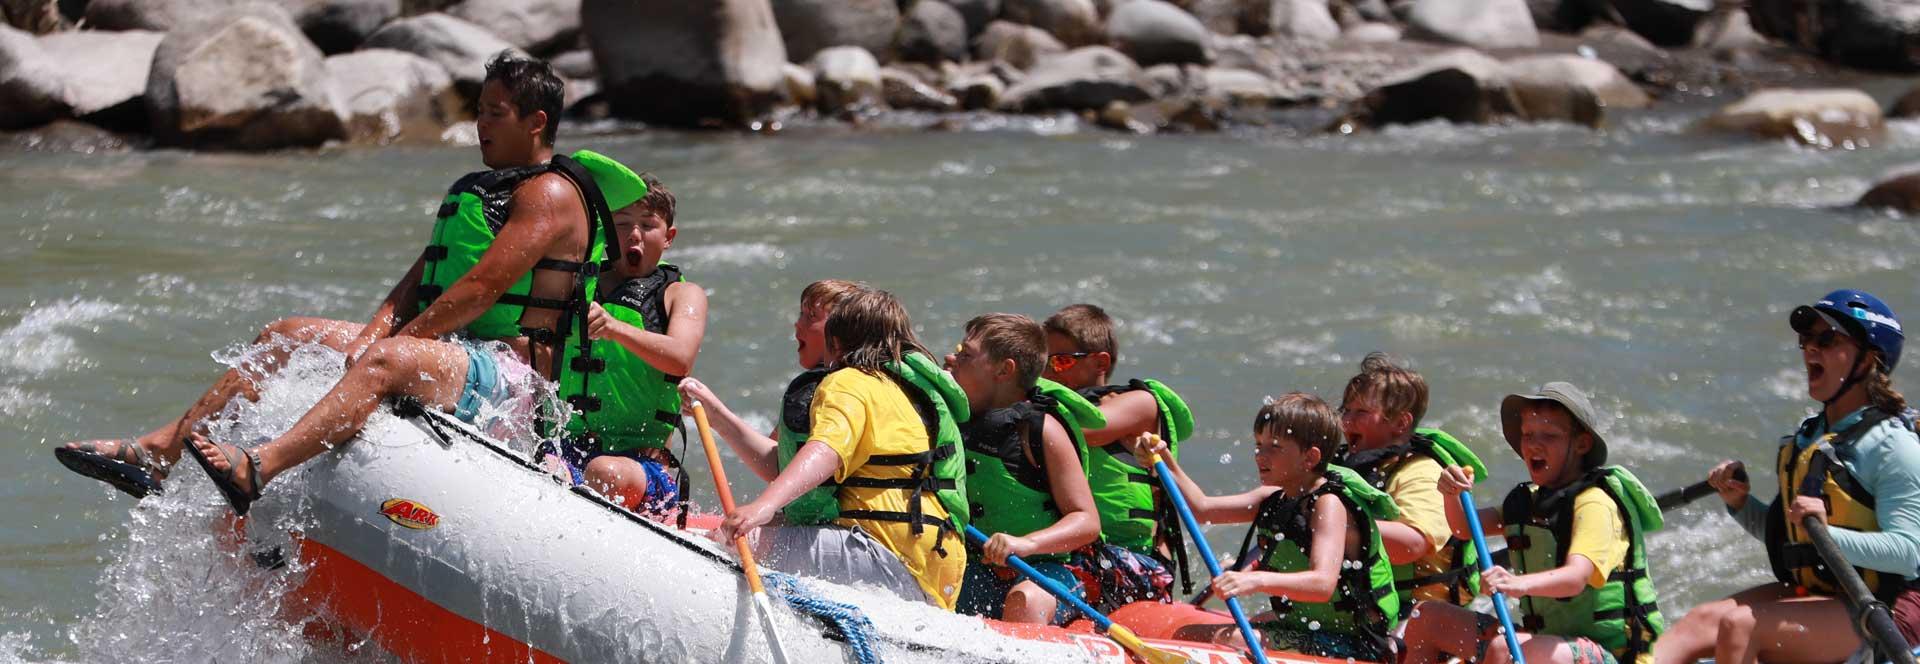 Camp Agape